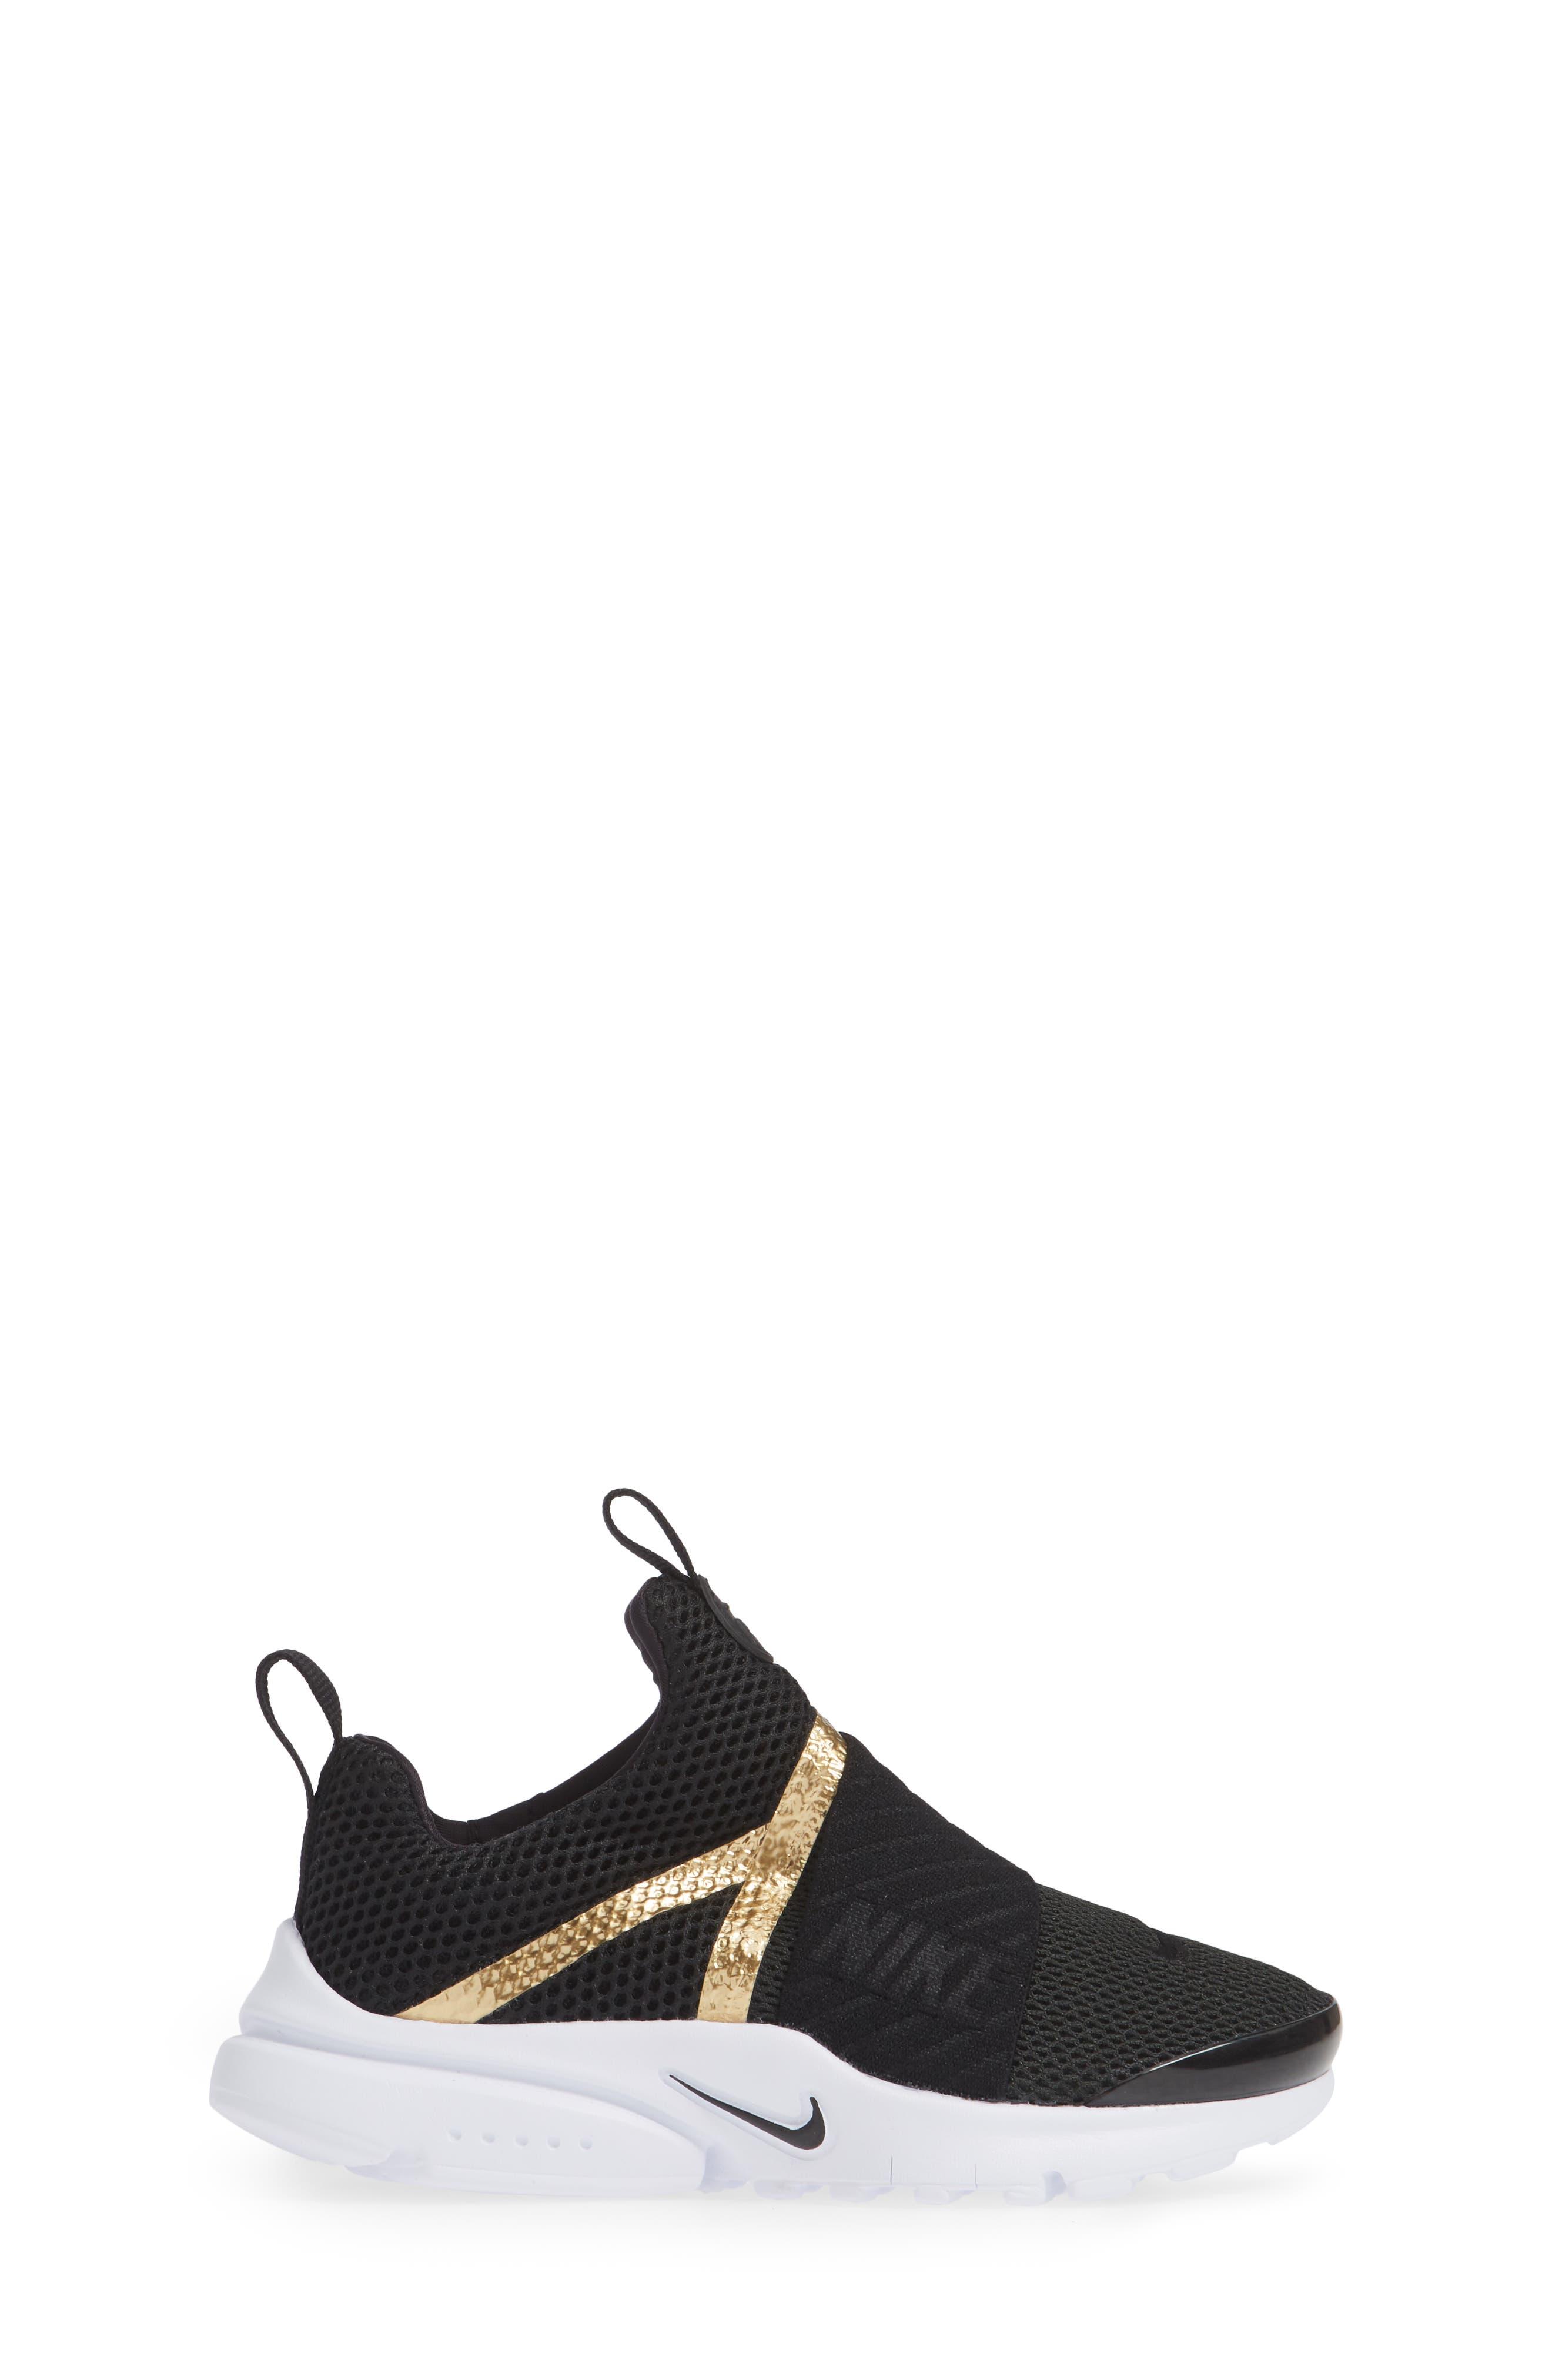 Presto Extreme Sneaker,                             Alternate thumbnail 3, color,                             Black/ Metallic Gold/ White